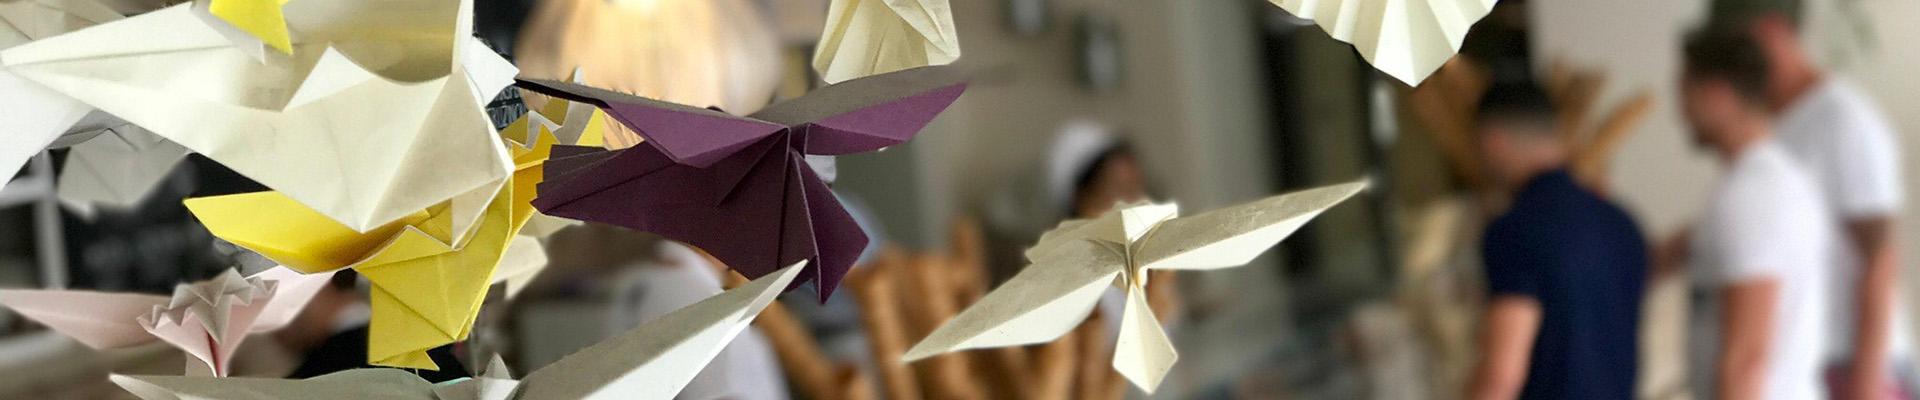 Sosionom FO profesjonsråd. Papirfly og kreativitet.